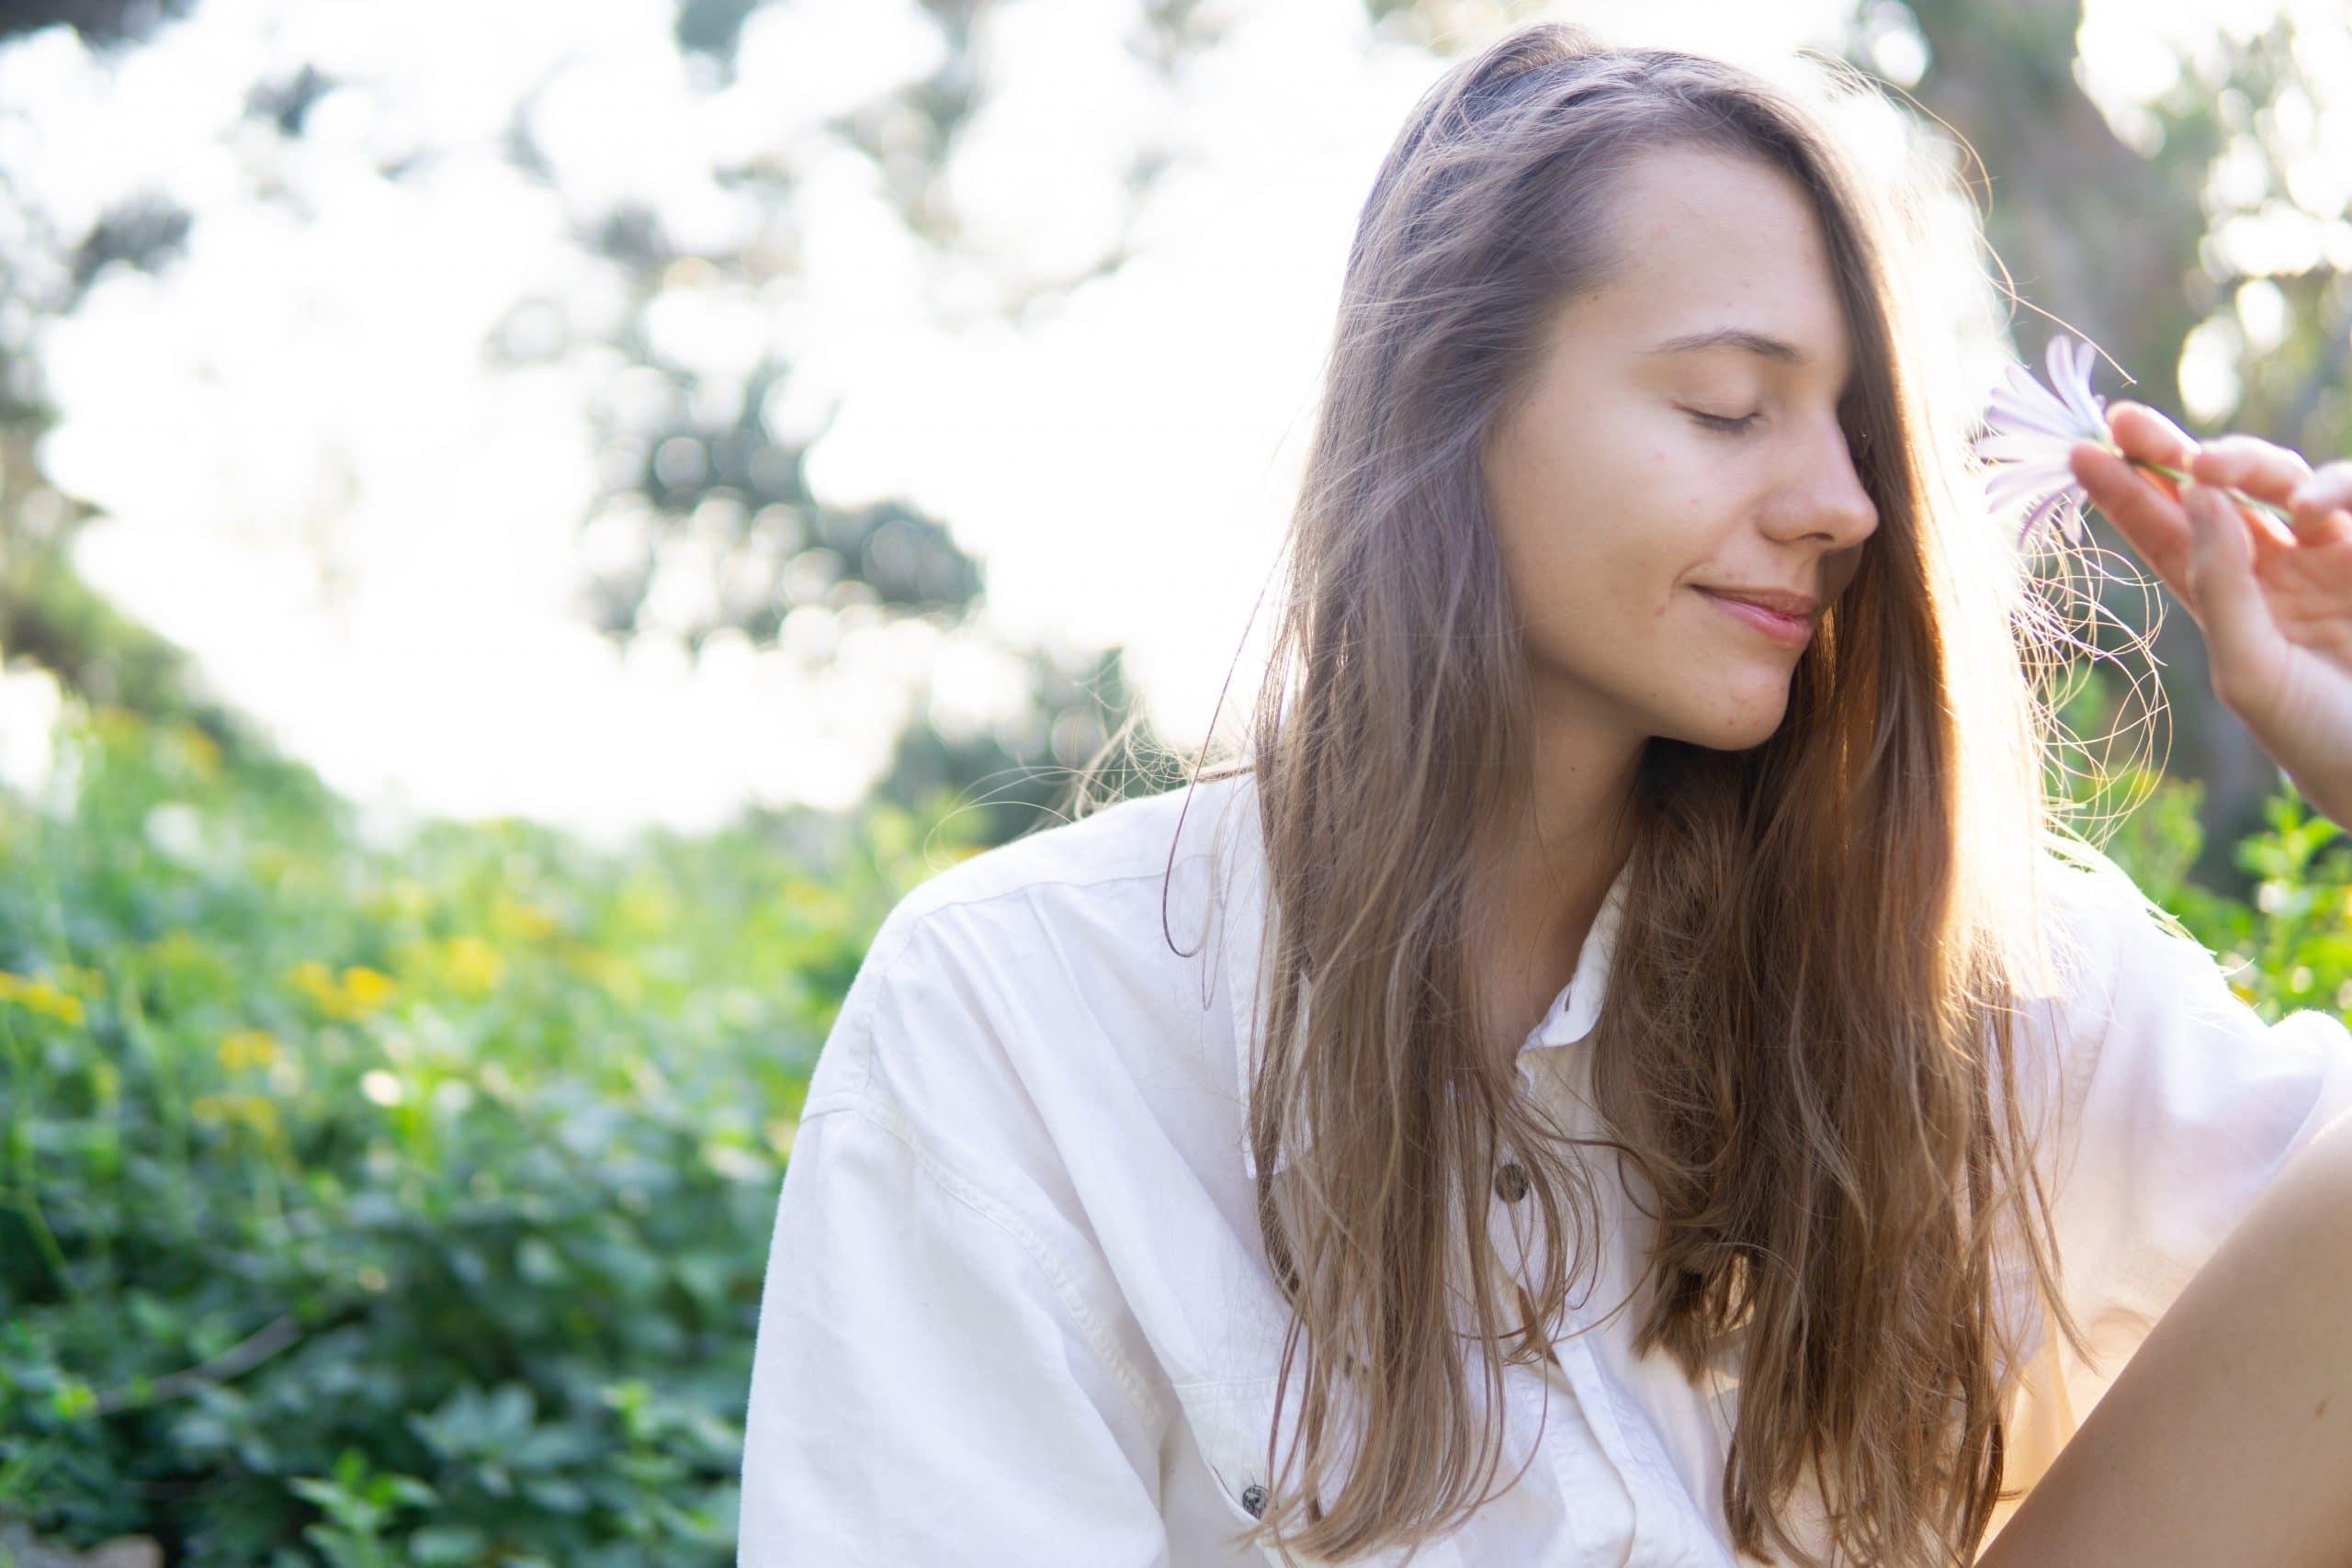 Menina vista de frente com rosto tremido olhos fechados e cabelo solto com árvores de fundo e céu claro